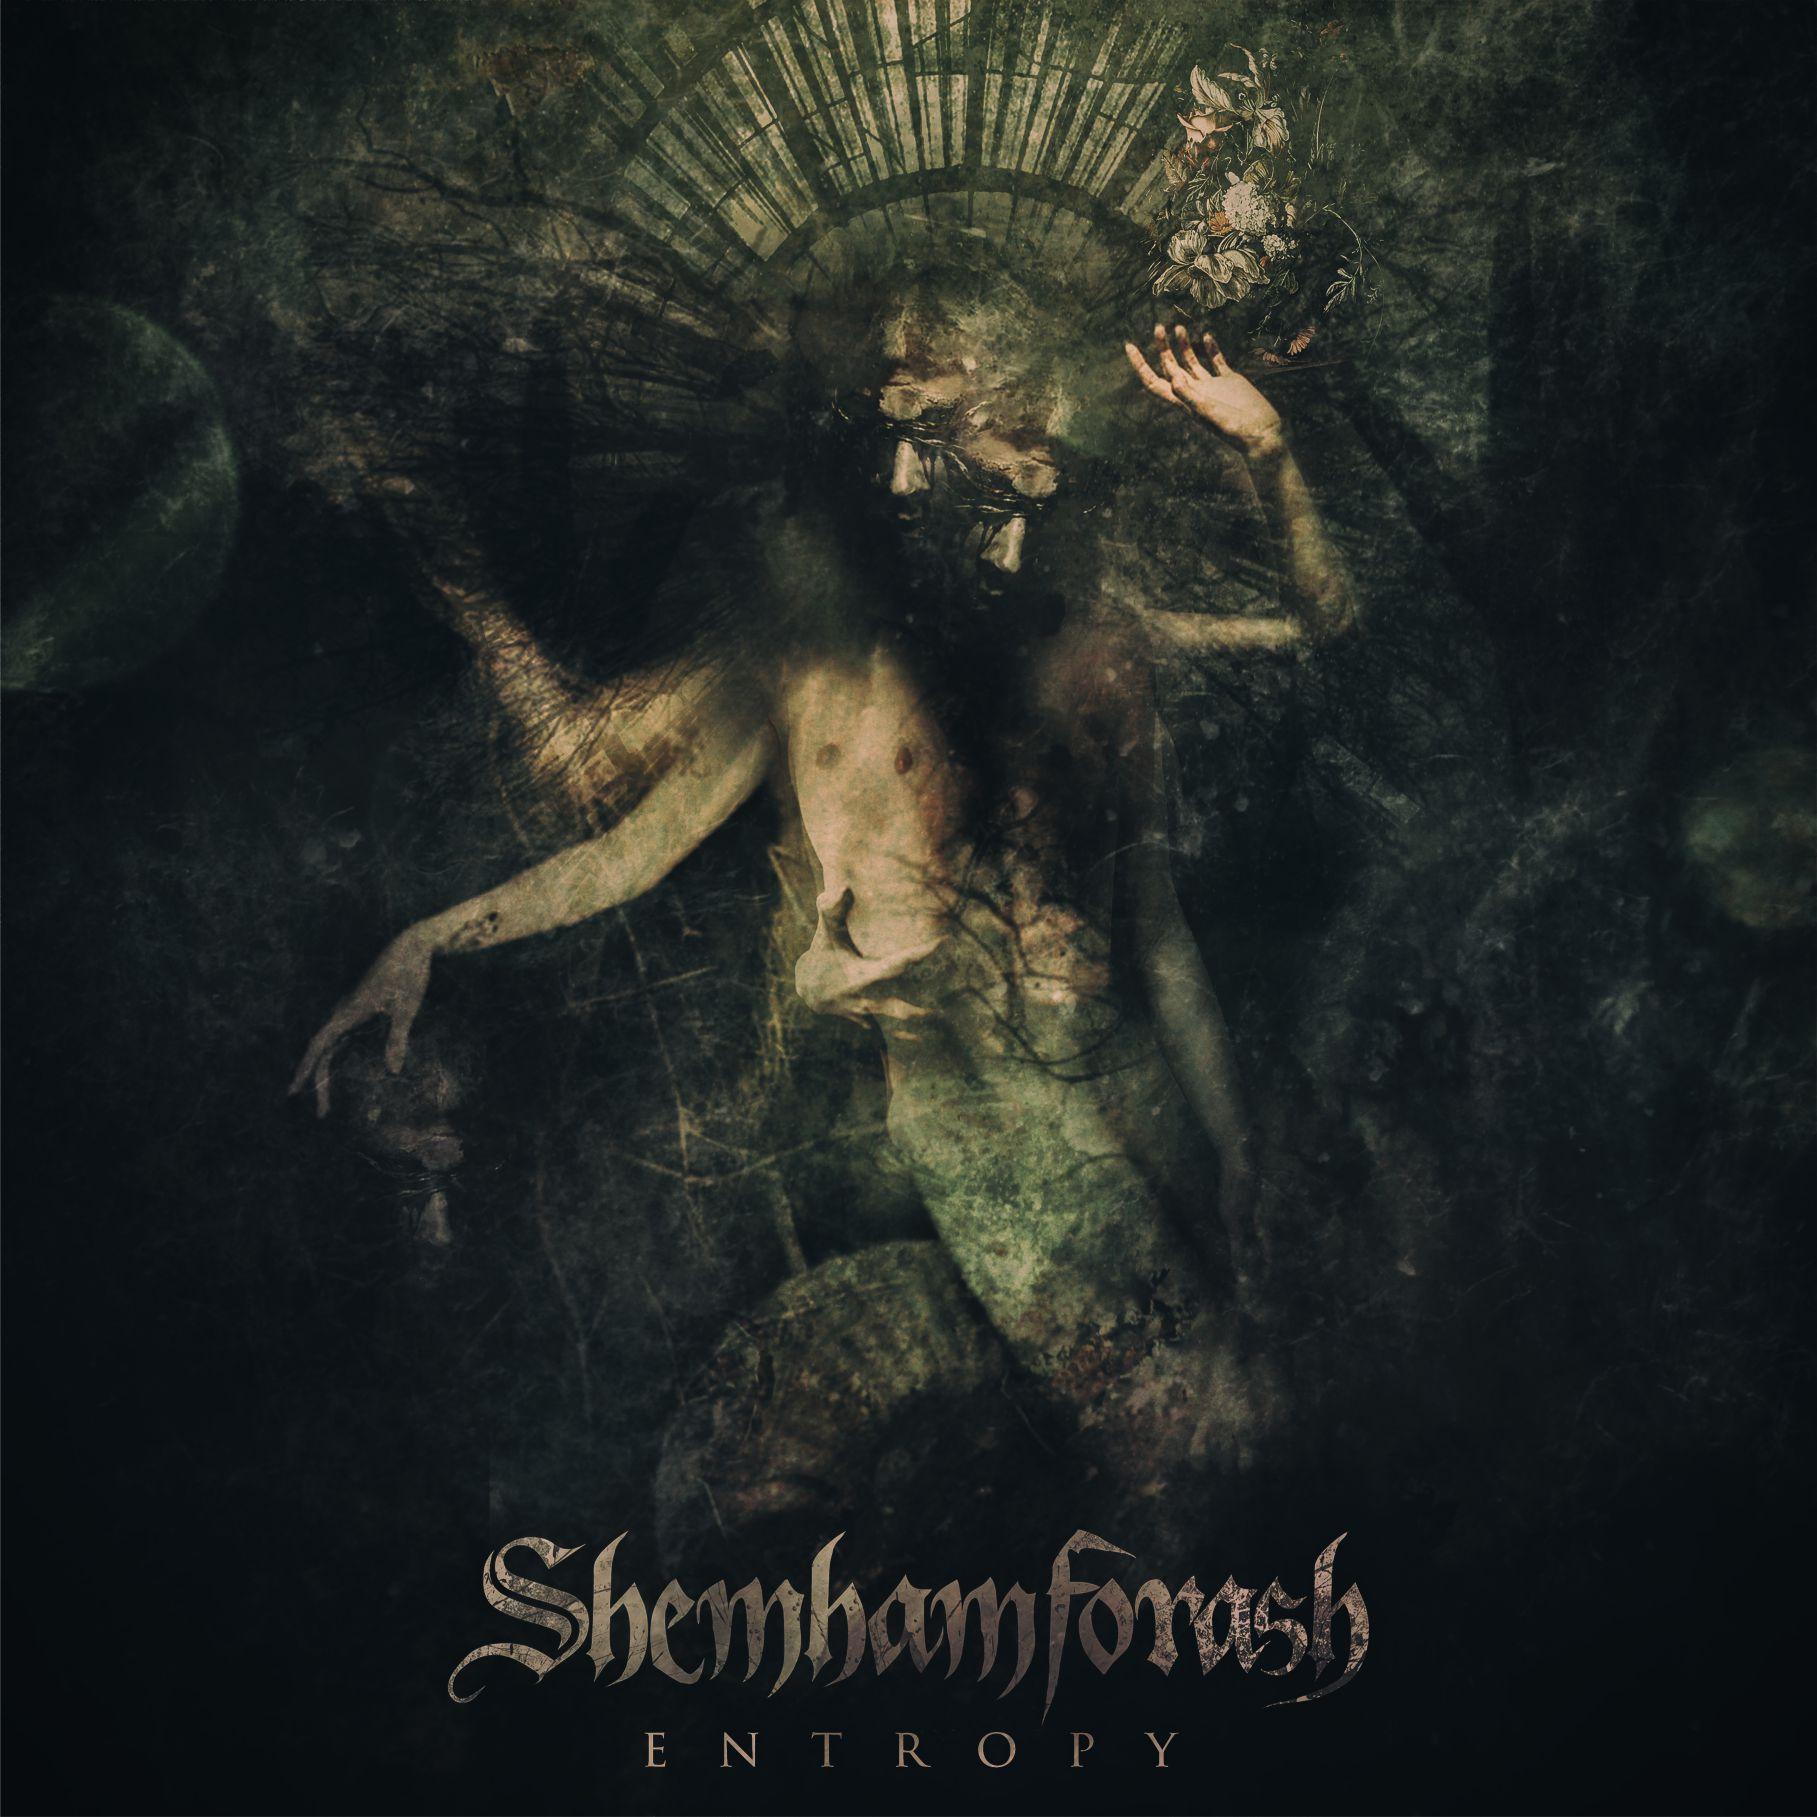 Shemhamforash - Entropy